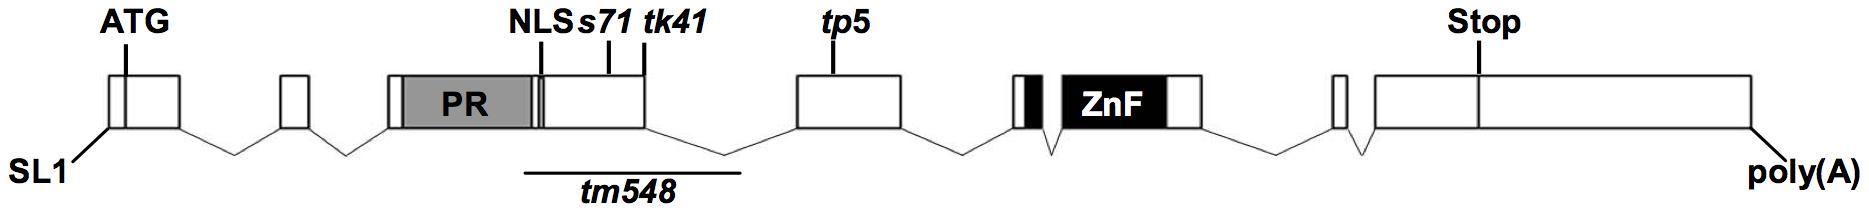 Gene structure of <i>blmp-1</i>.